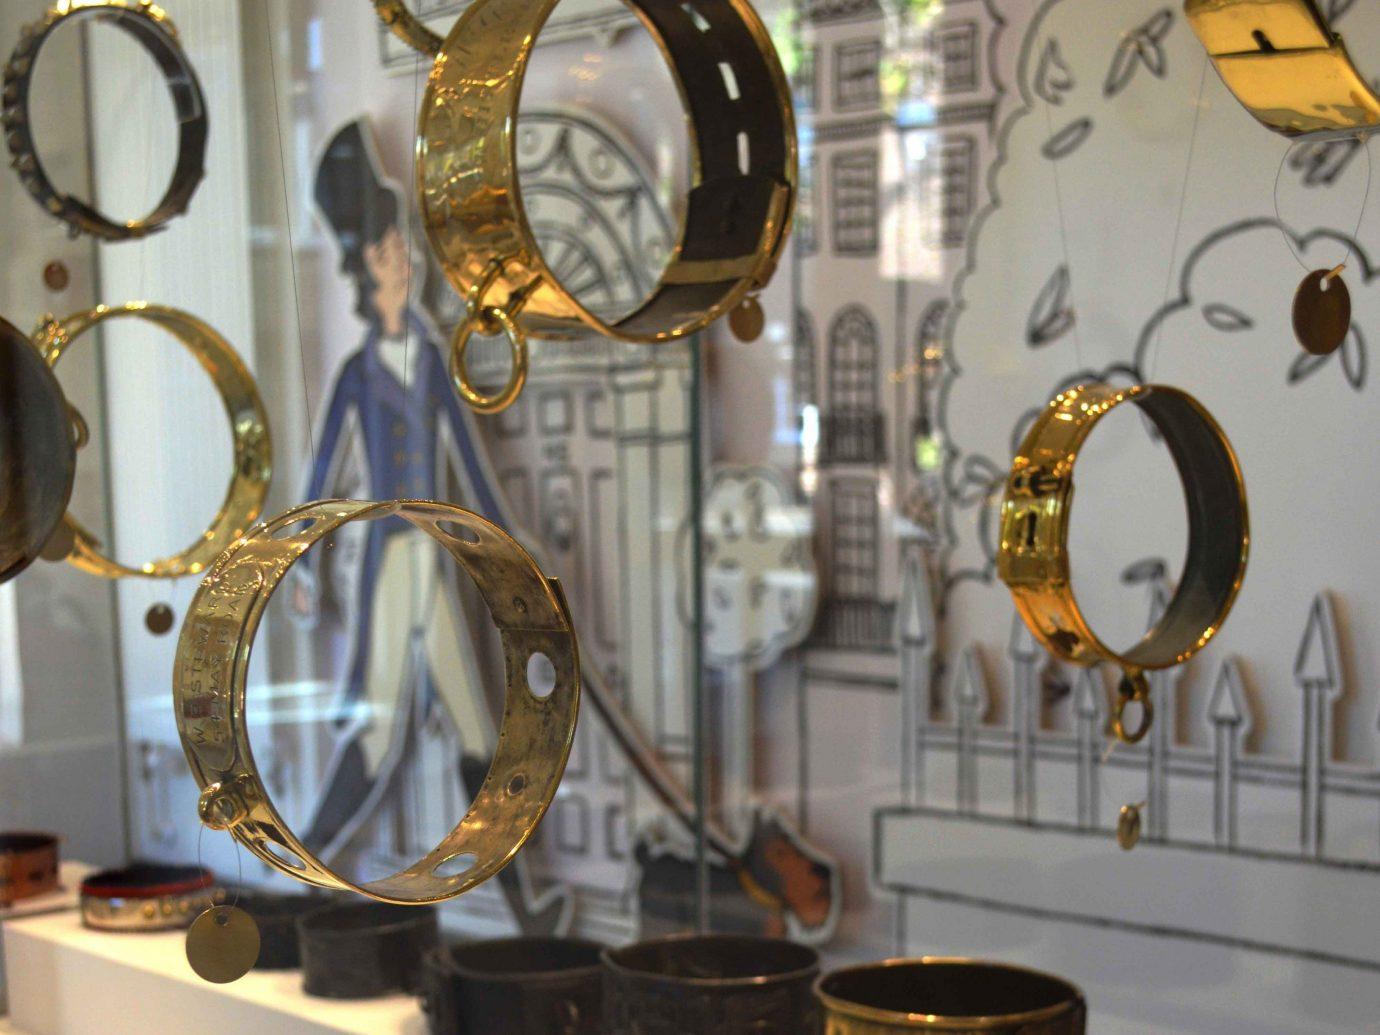 Arts + Culture indoor lighting art tourist attraction display window interior design sculpture glass furniture light fixture window